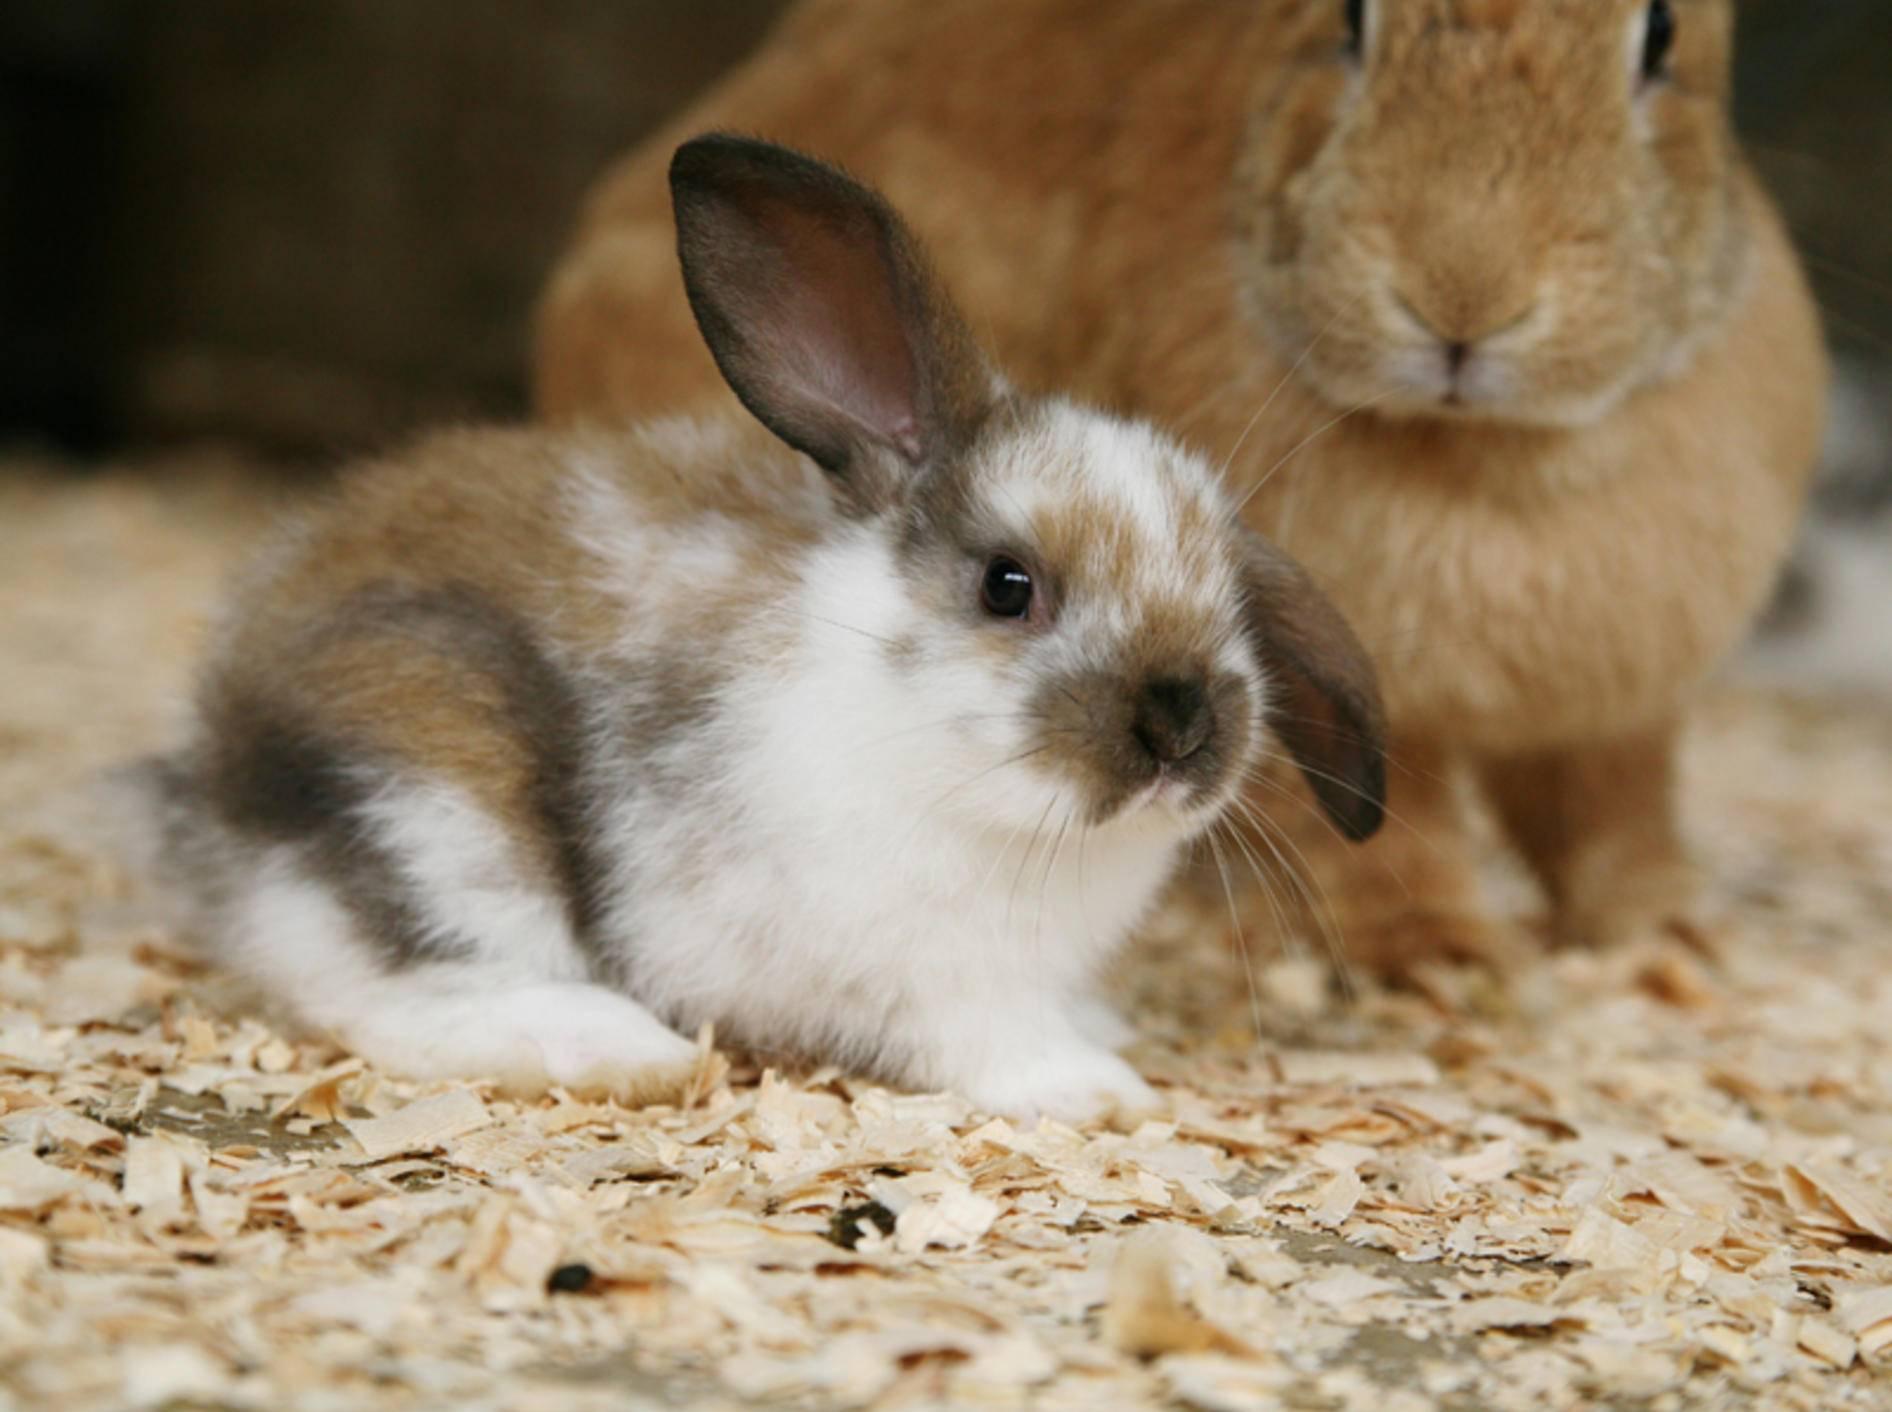 Dieses Kaninchenbaby ist schon ein paar Wochen alt; als Nesthocker kommen Baby-Kaninchen blind und nackt zur Welt – Shutterstock / Sue McDonald